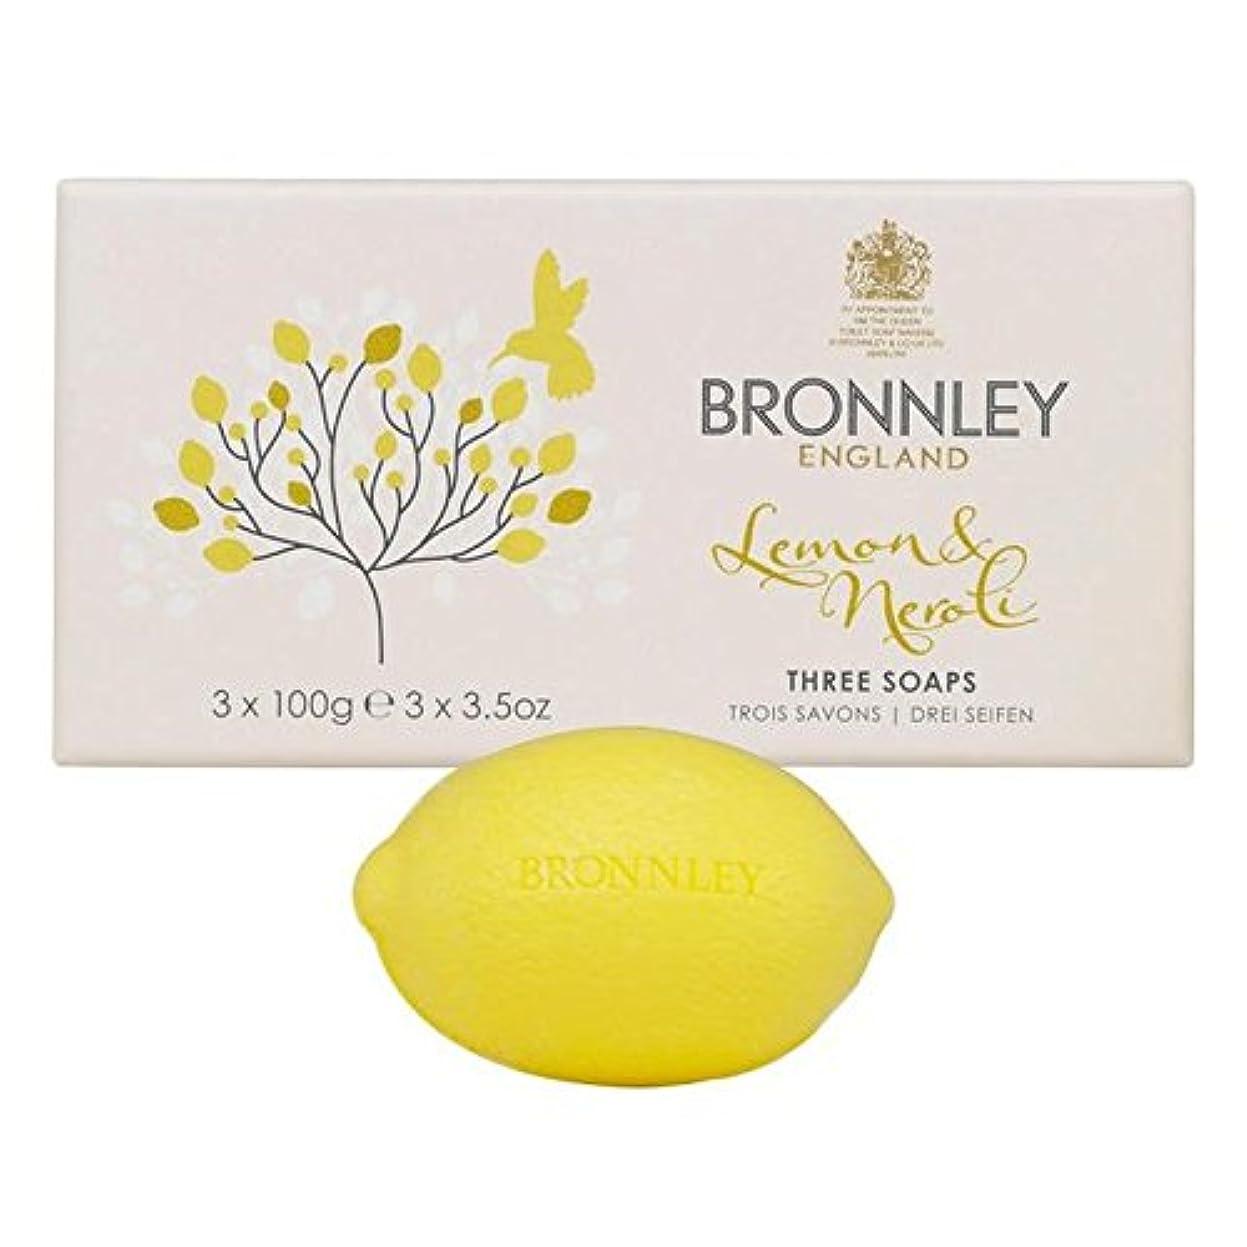 地下室風味カッターBronnley Lemon & Neroli Soaps 3 x 100g (Pack of 6) - レモン&ネロリ石鹸3×100グラム x6 [並行輸入品]